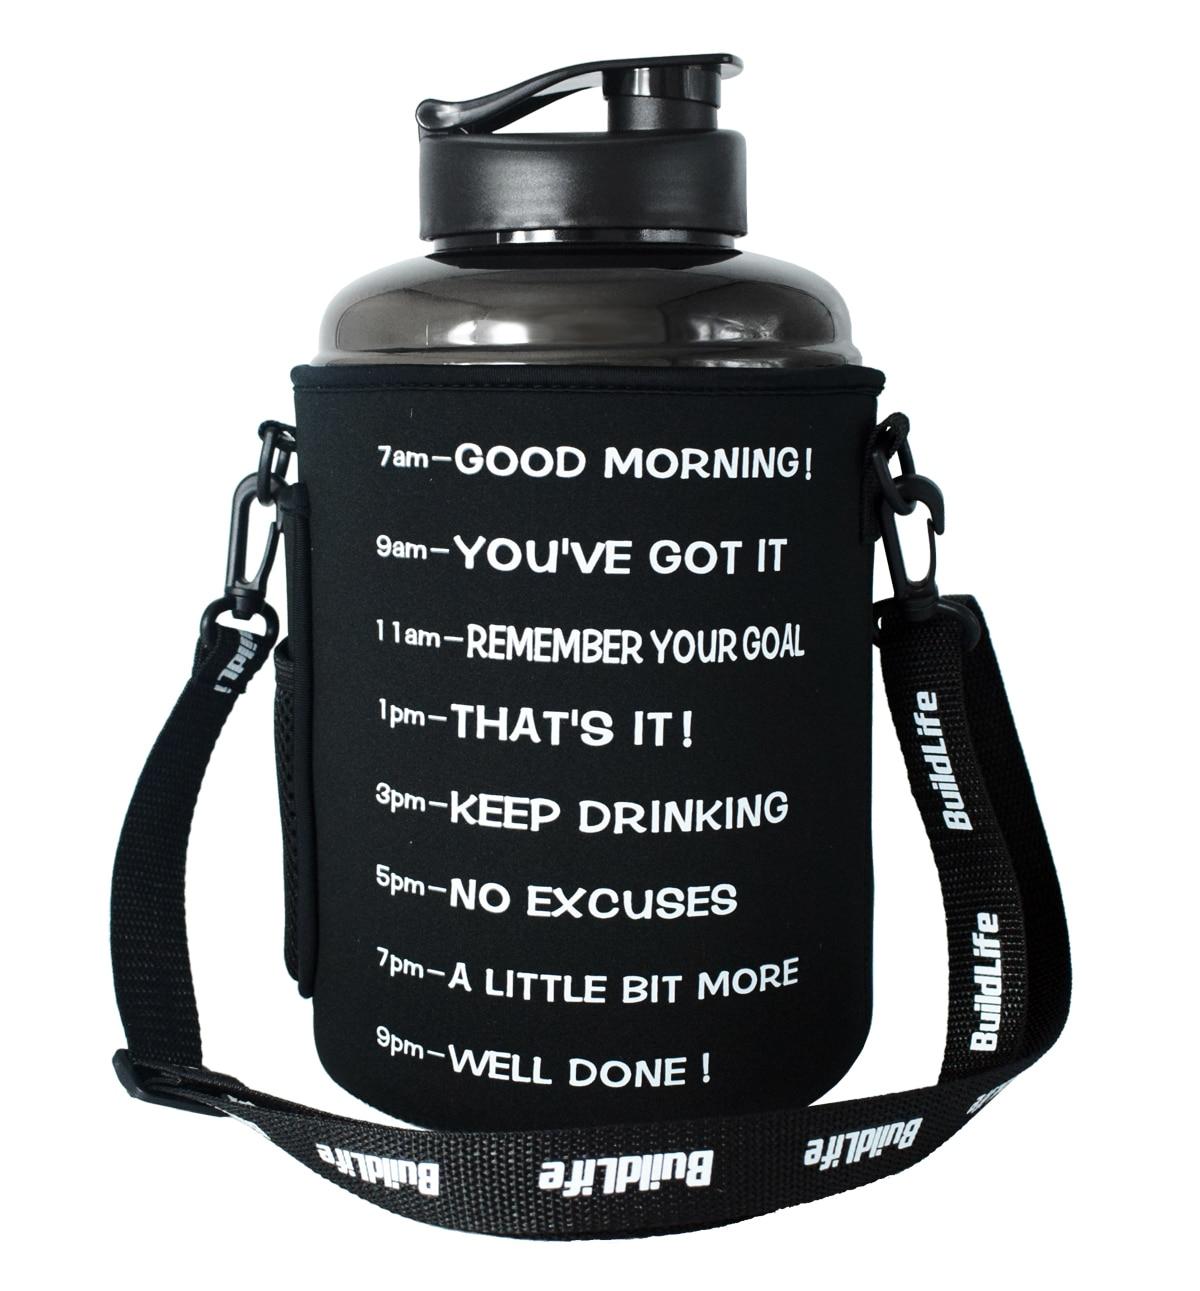 Quifit-bouteille de boisson pour sport   Sac, sac, porte-housse avec bandoulière, pour sport Gallon eau potable, cruche de sport, 2,2l 2,5l 3,78l